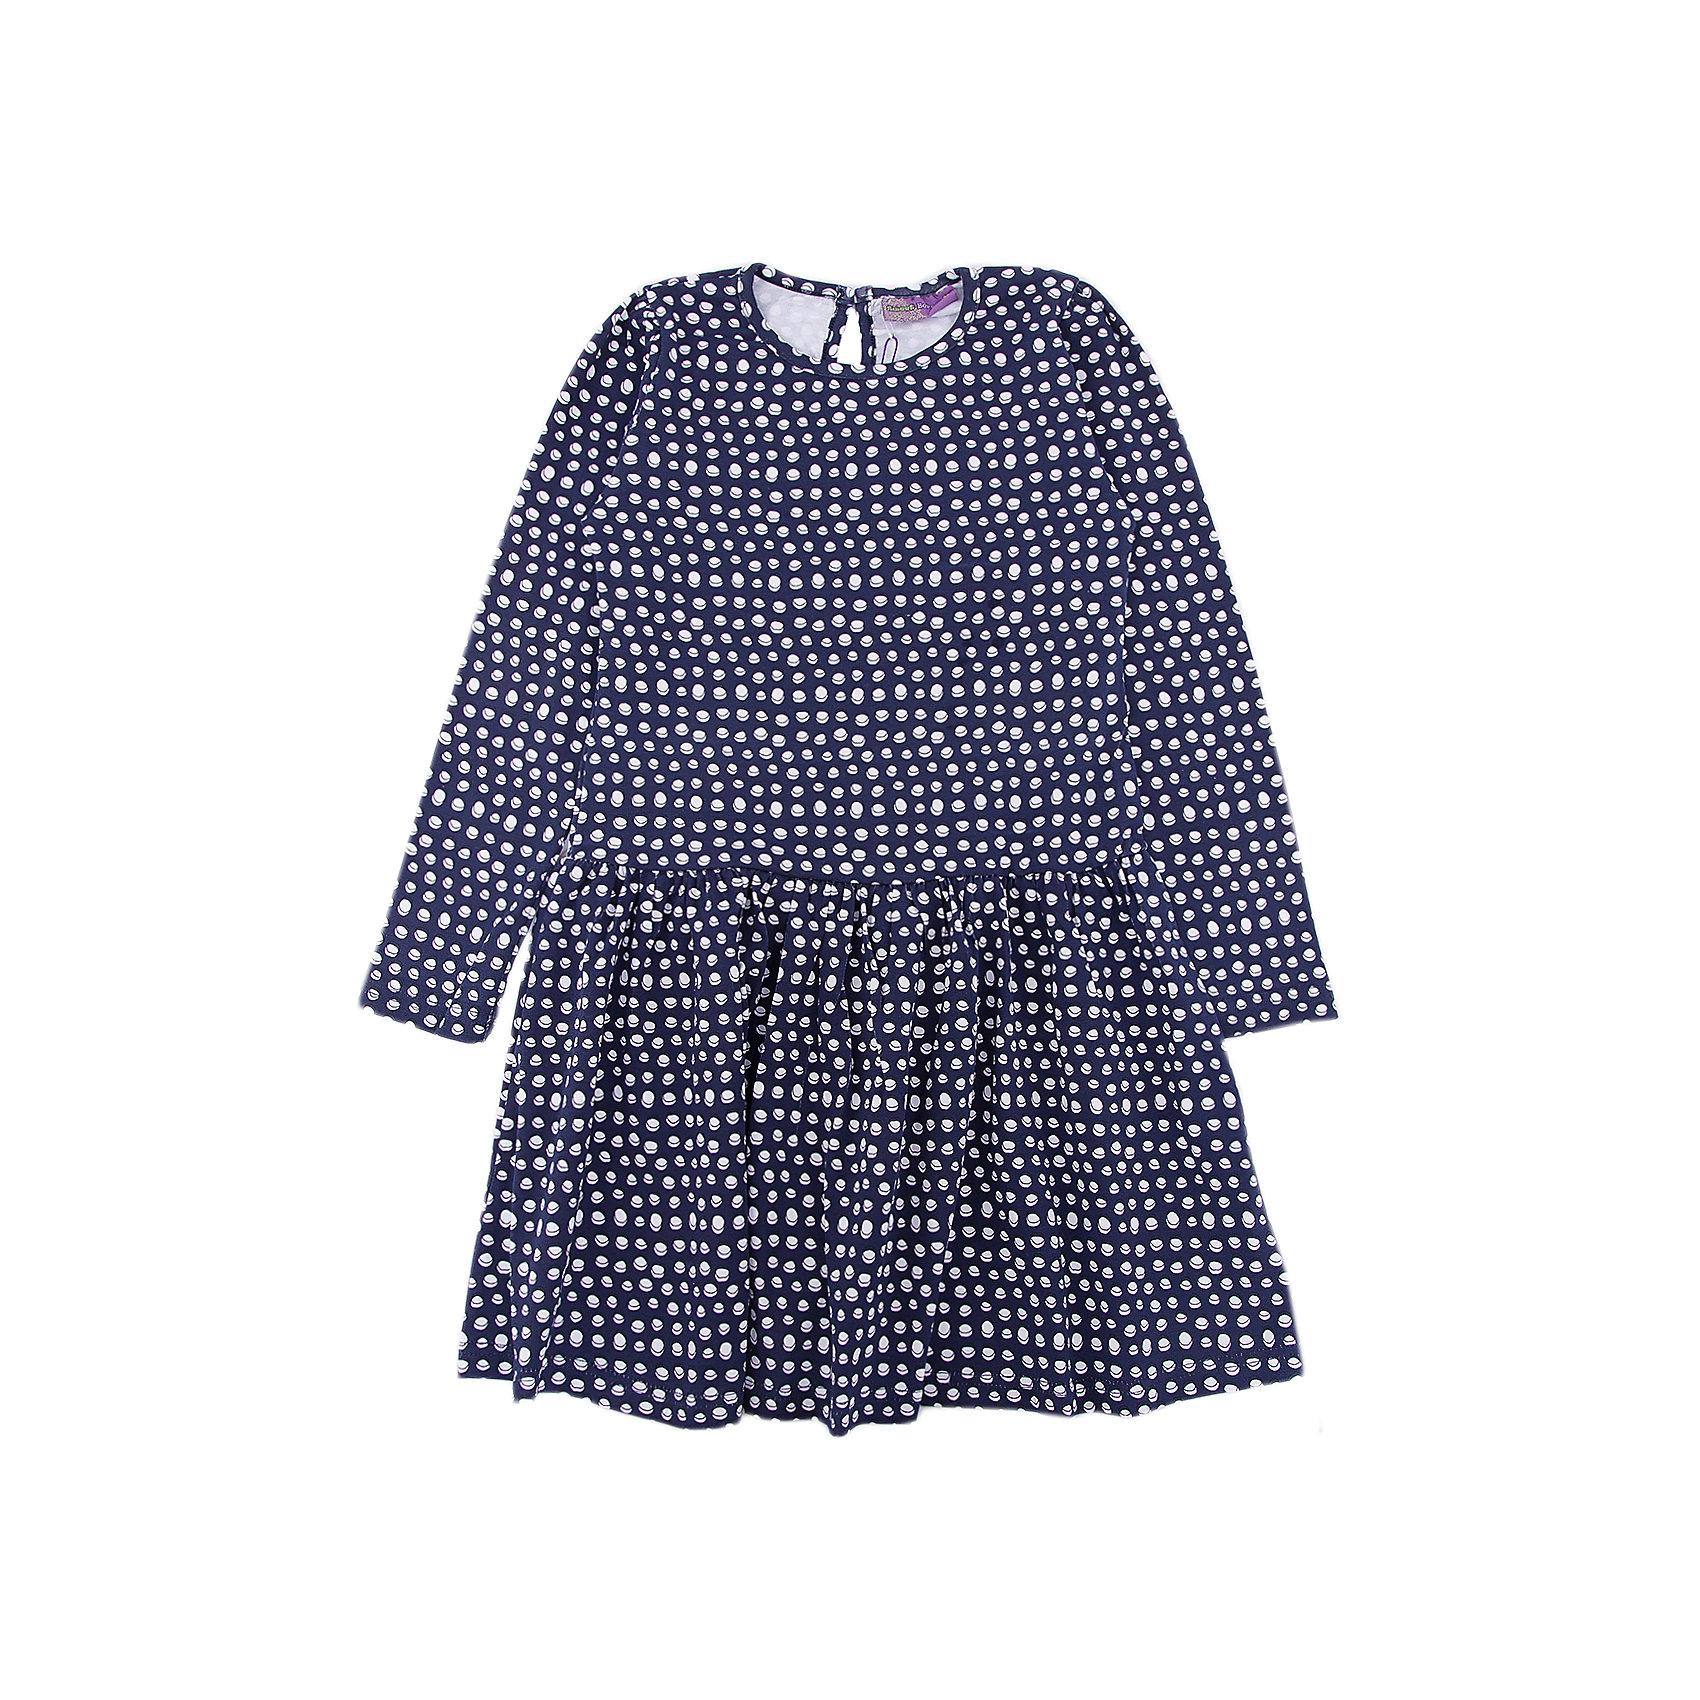 Платье Sweet Berry для девочкиОсенне-зимние платья и сарафаны<br>Платье Sweet Berry для девочки<br><br>Состав:<br>95% хлопок, 5% эластан<br><br>Ширина мм: 236<br>Глубина мм: 16<br>Высота мм: 184<br>Вес г: 177<br>Цвет: синий<br>Возраст от месяцев: 84<br>Возраст до месяцев: 96<br>Пол: Женский<br>Возраст: Детский<br>Размер: 128,98,104,110,116,122<br>SKU: 7096865